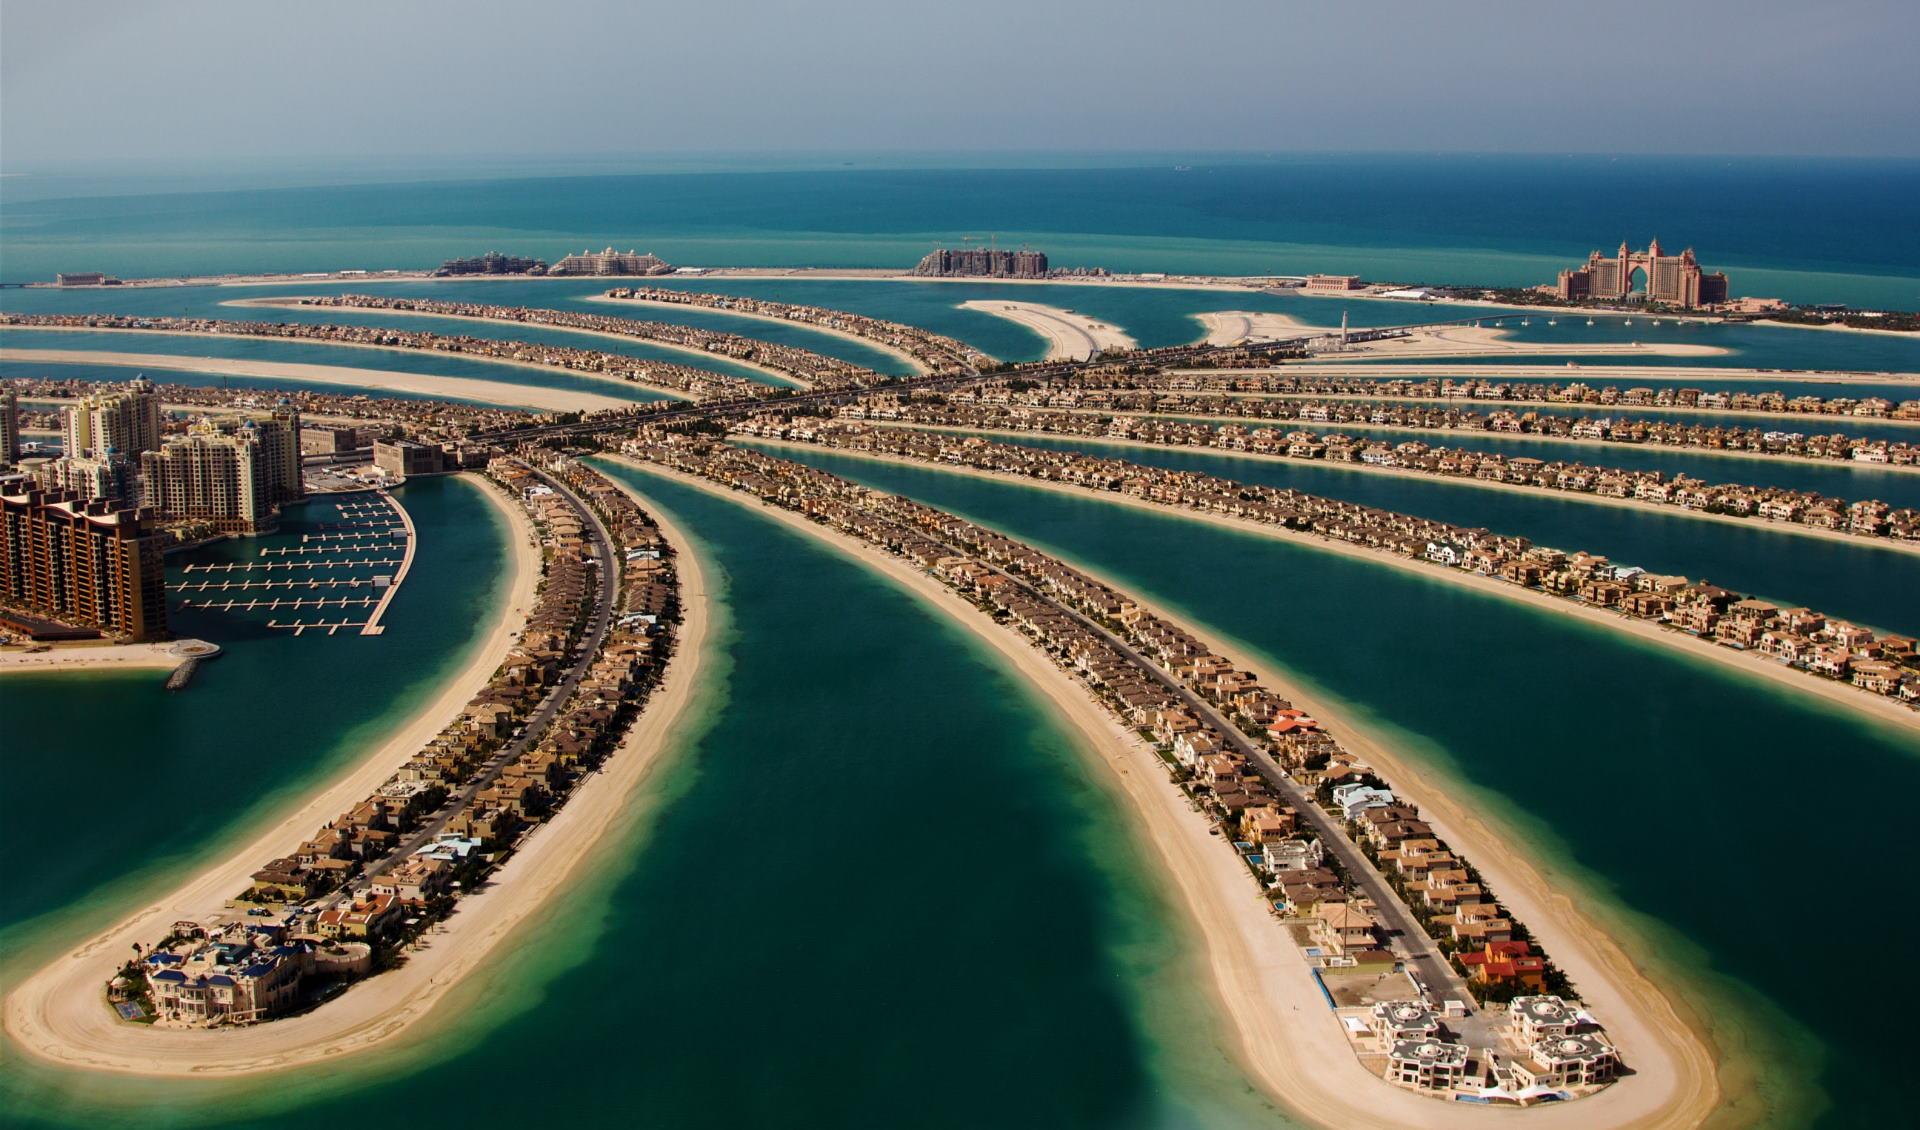 ОАЭ в апреле 2020. Где отдыхать? Погода и отзывы